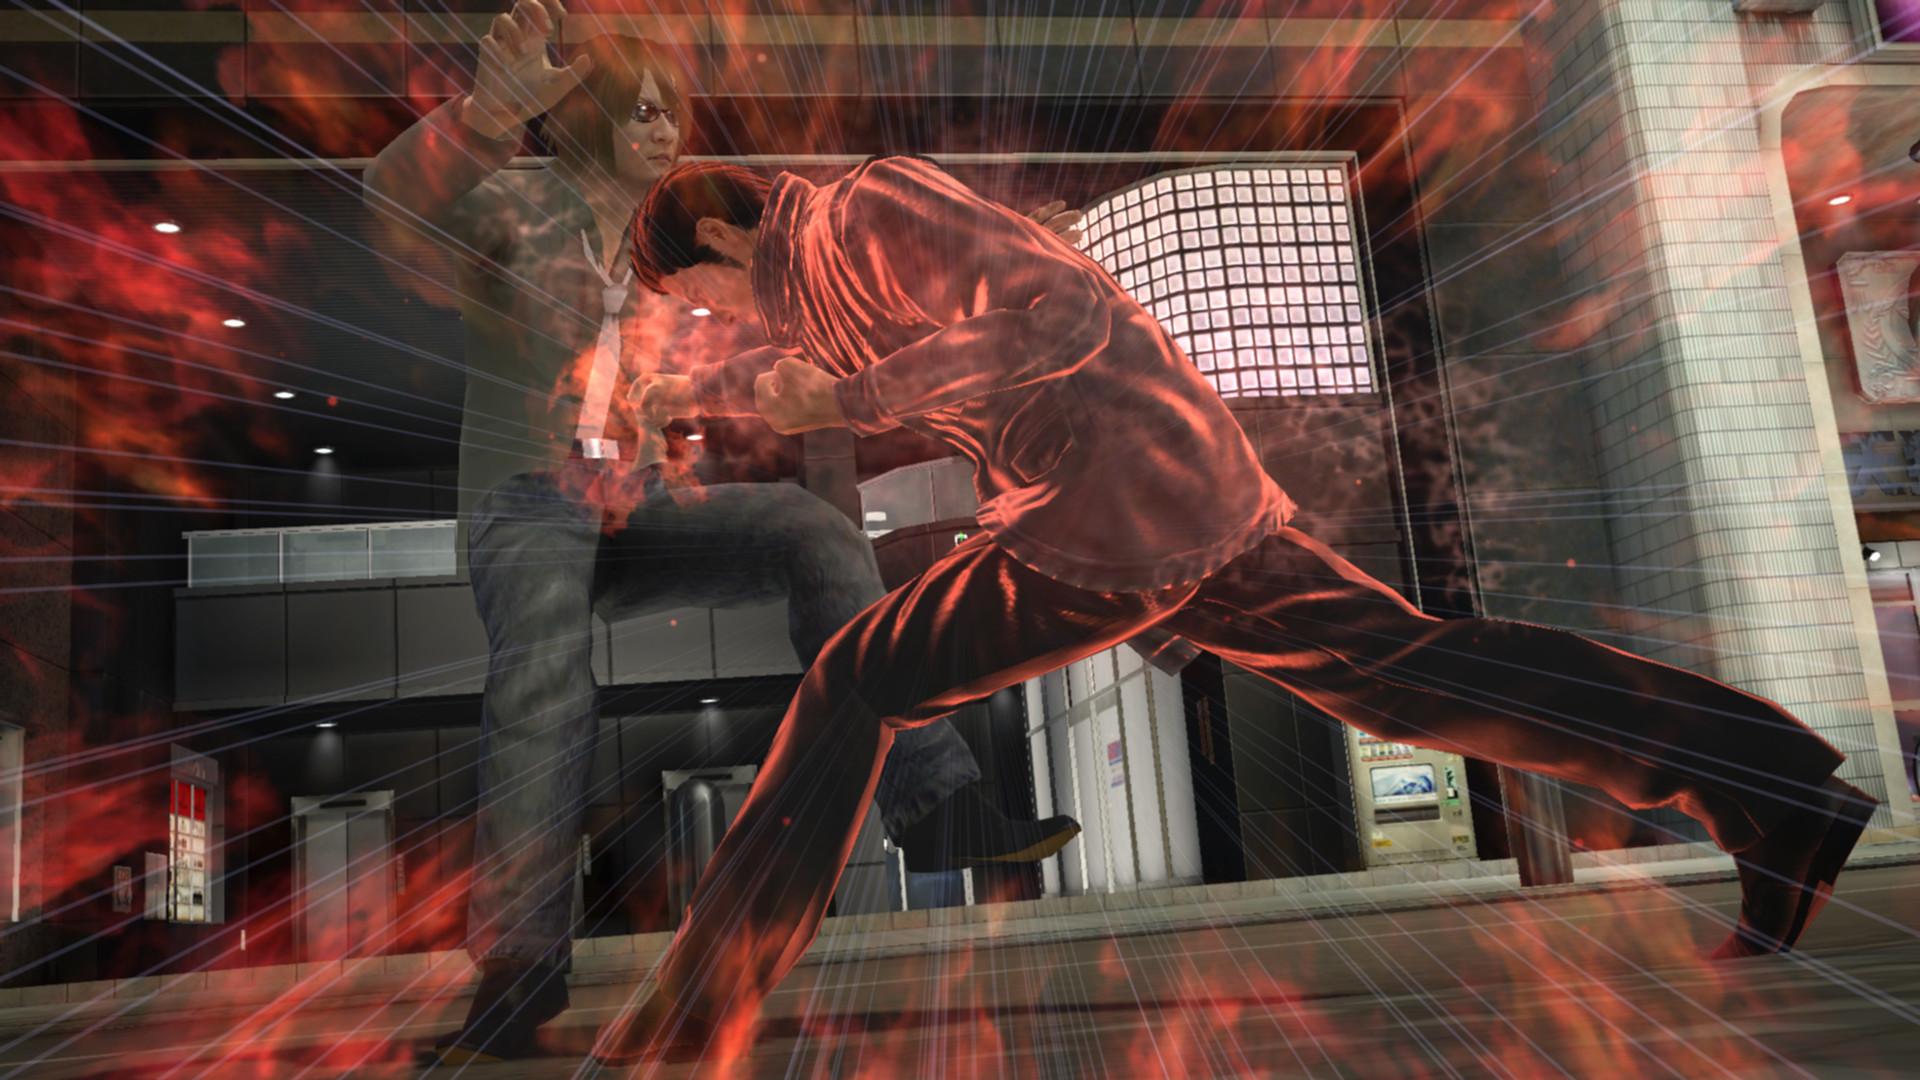 yakuza-5-remastered-pc-screenshot-04